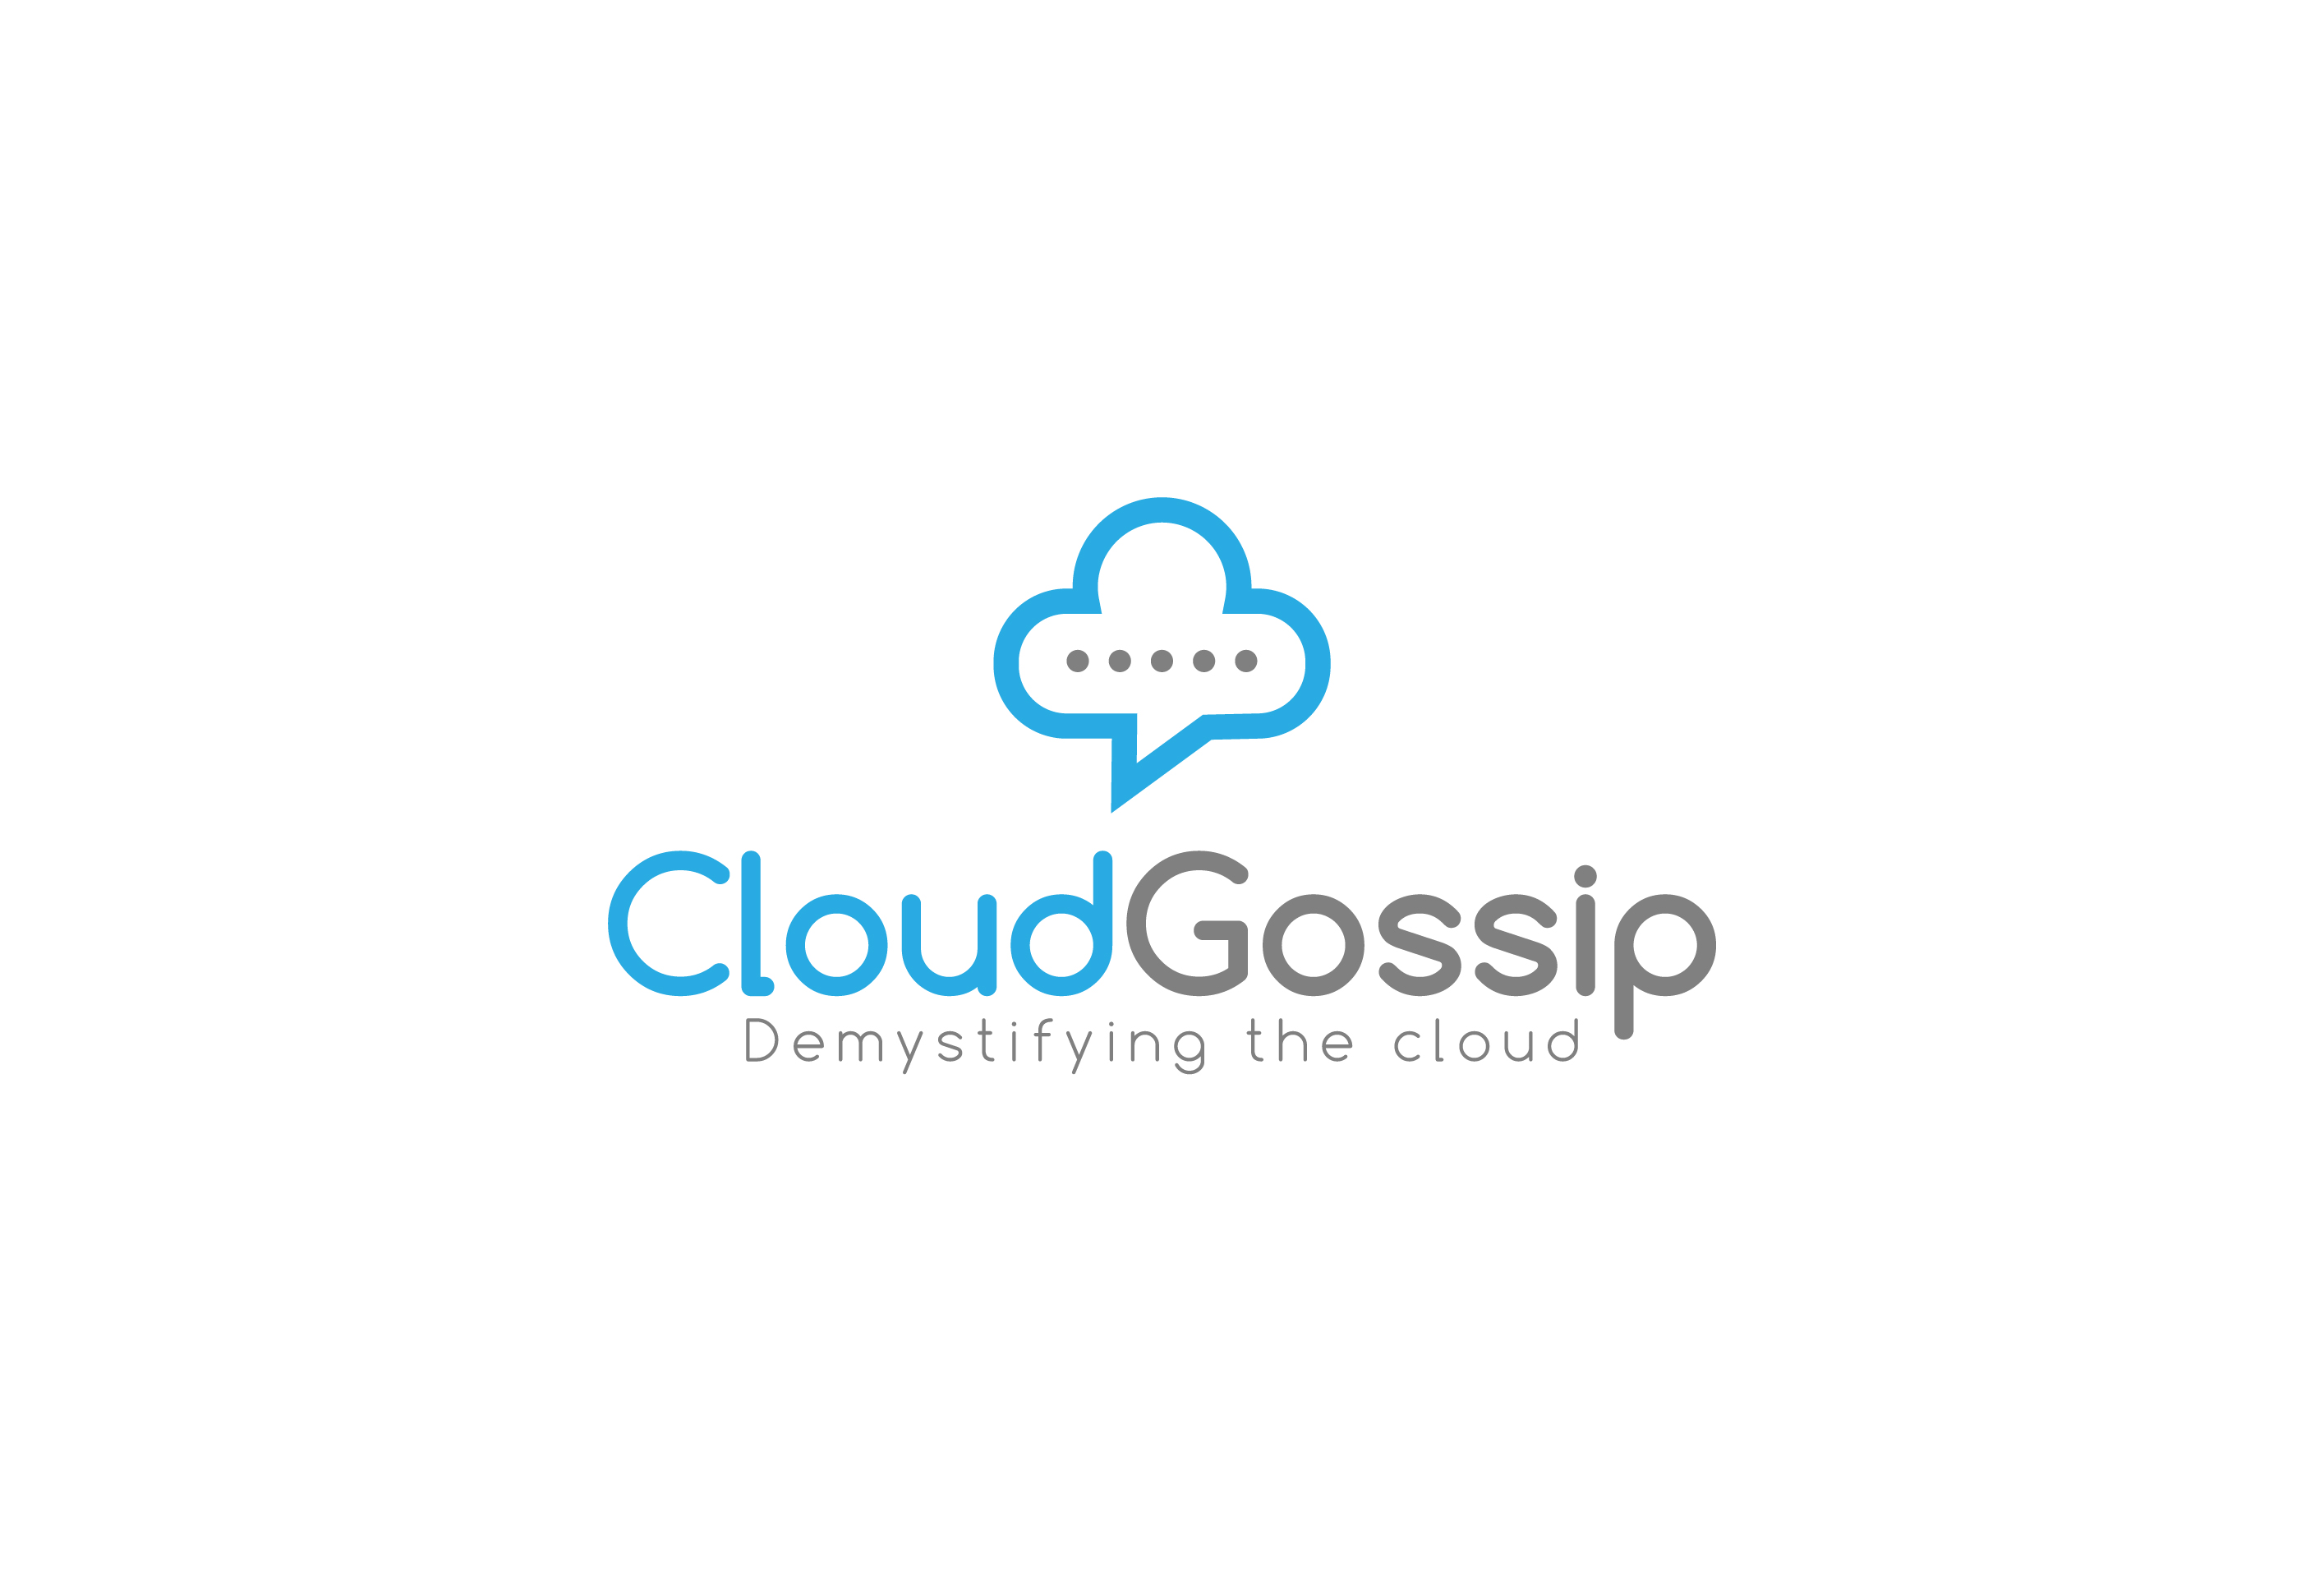 Cloud gossip01